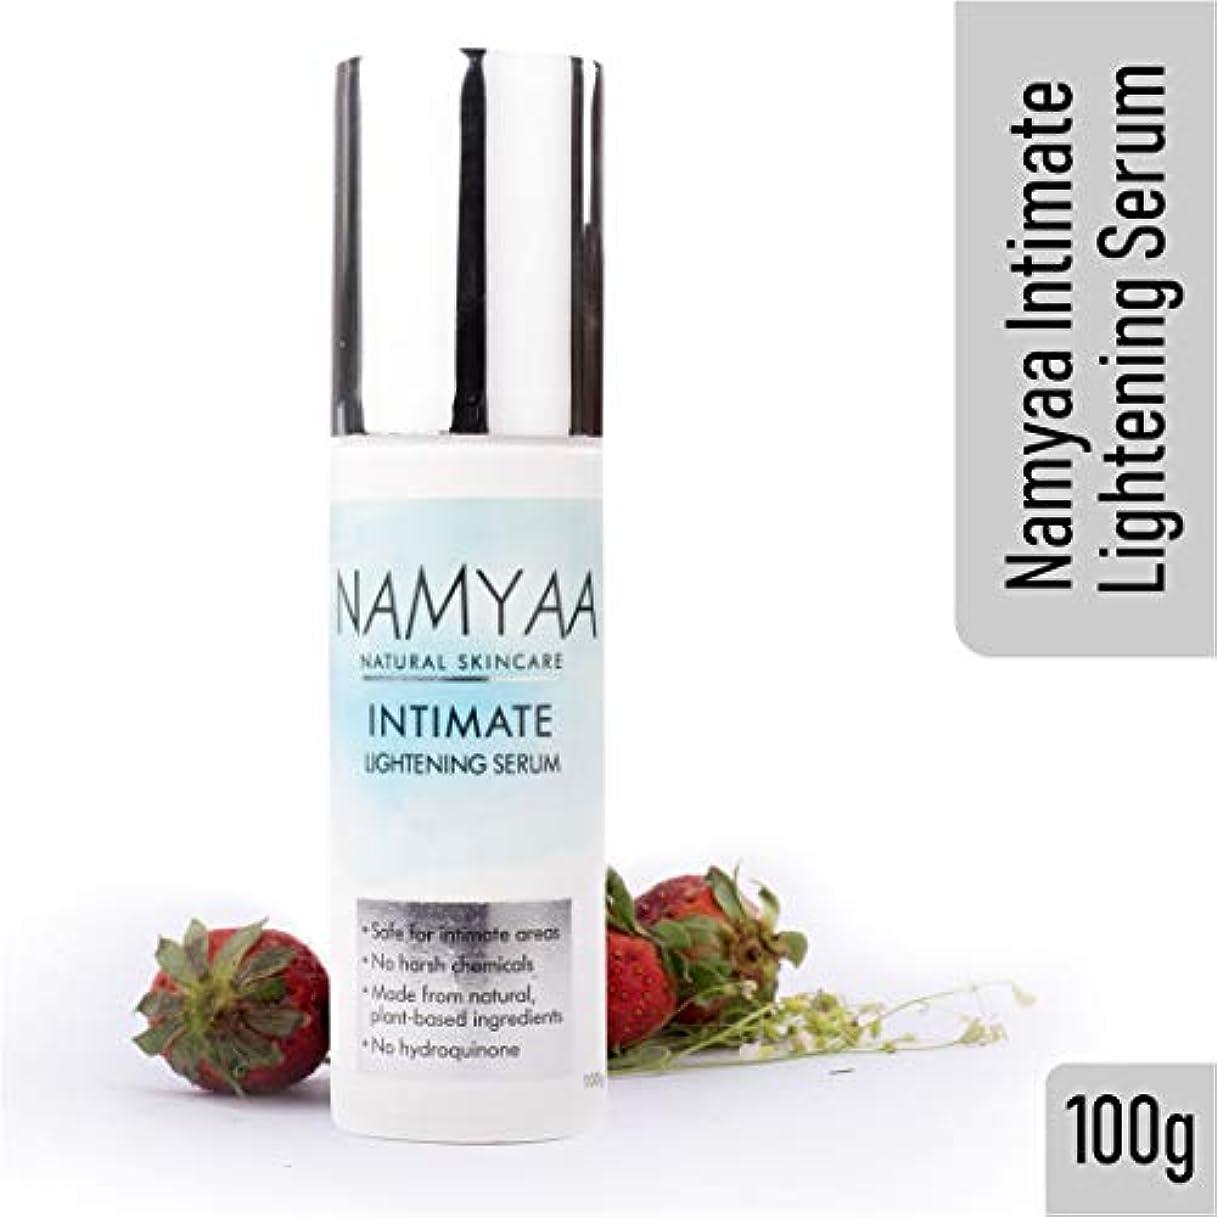 同様にラフレシアアルノルディストライドQraa Namaya Intimate Lightening Serum, 100g